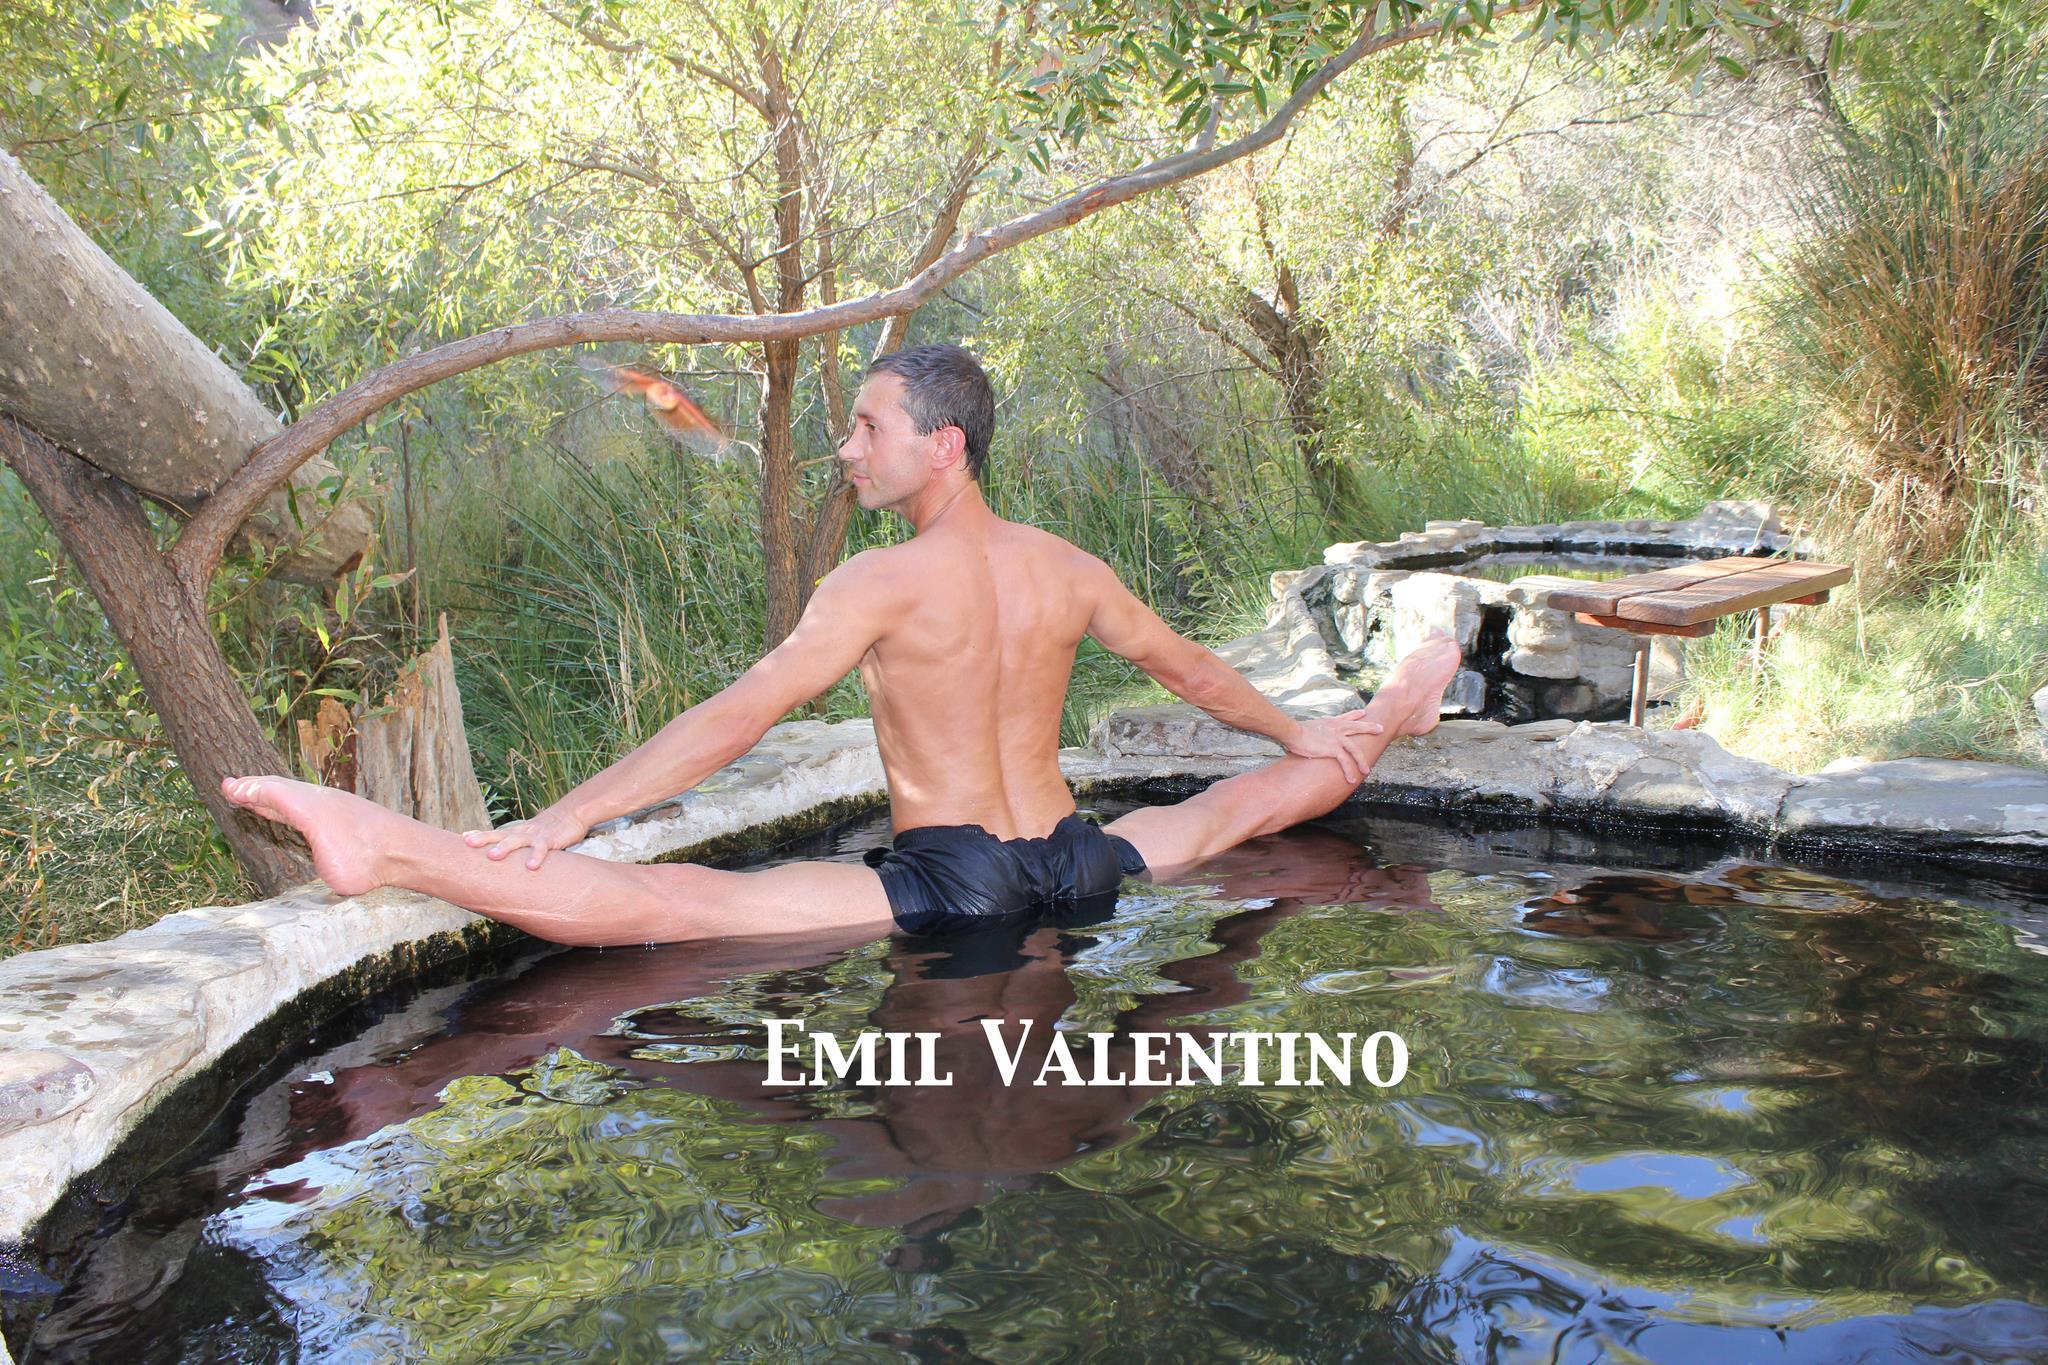 Emil hotsprings